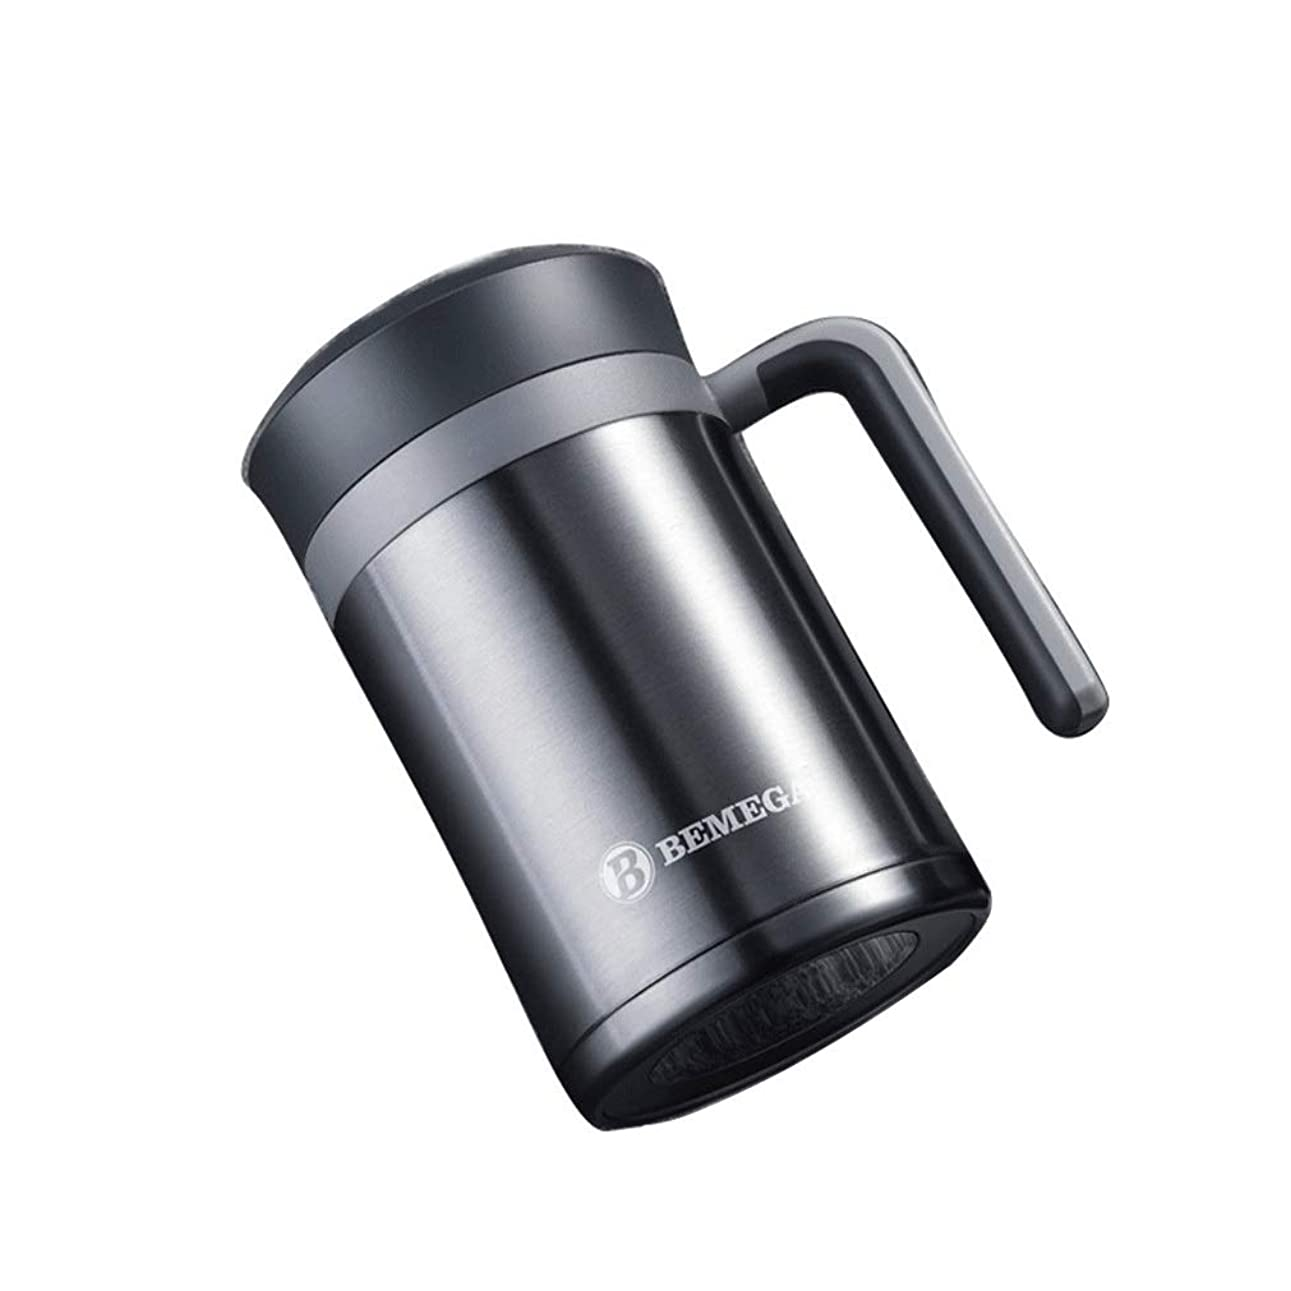 迷路外側ウィスキー水筒 ギフトカップ-大容量高品質316ステンレスカップハンドルステンレススチールカップビジネスオフィスティーカップティーポータブル旅行屋外家庭用断熱カップステンレスカップ (Color : グレー)